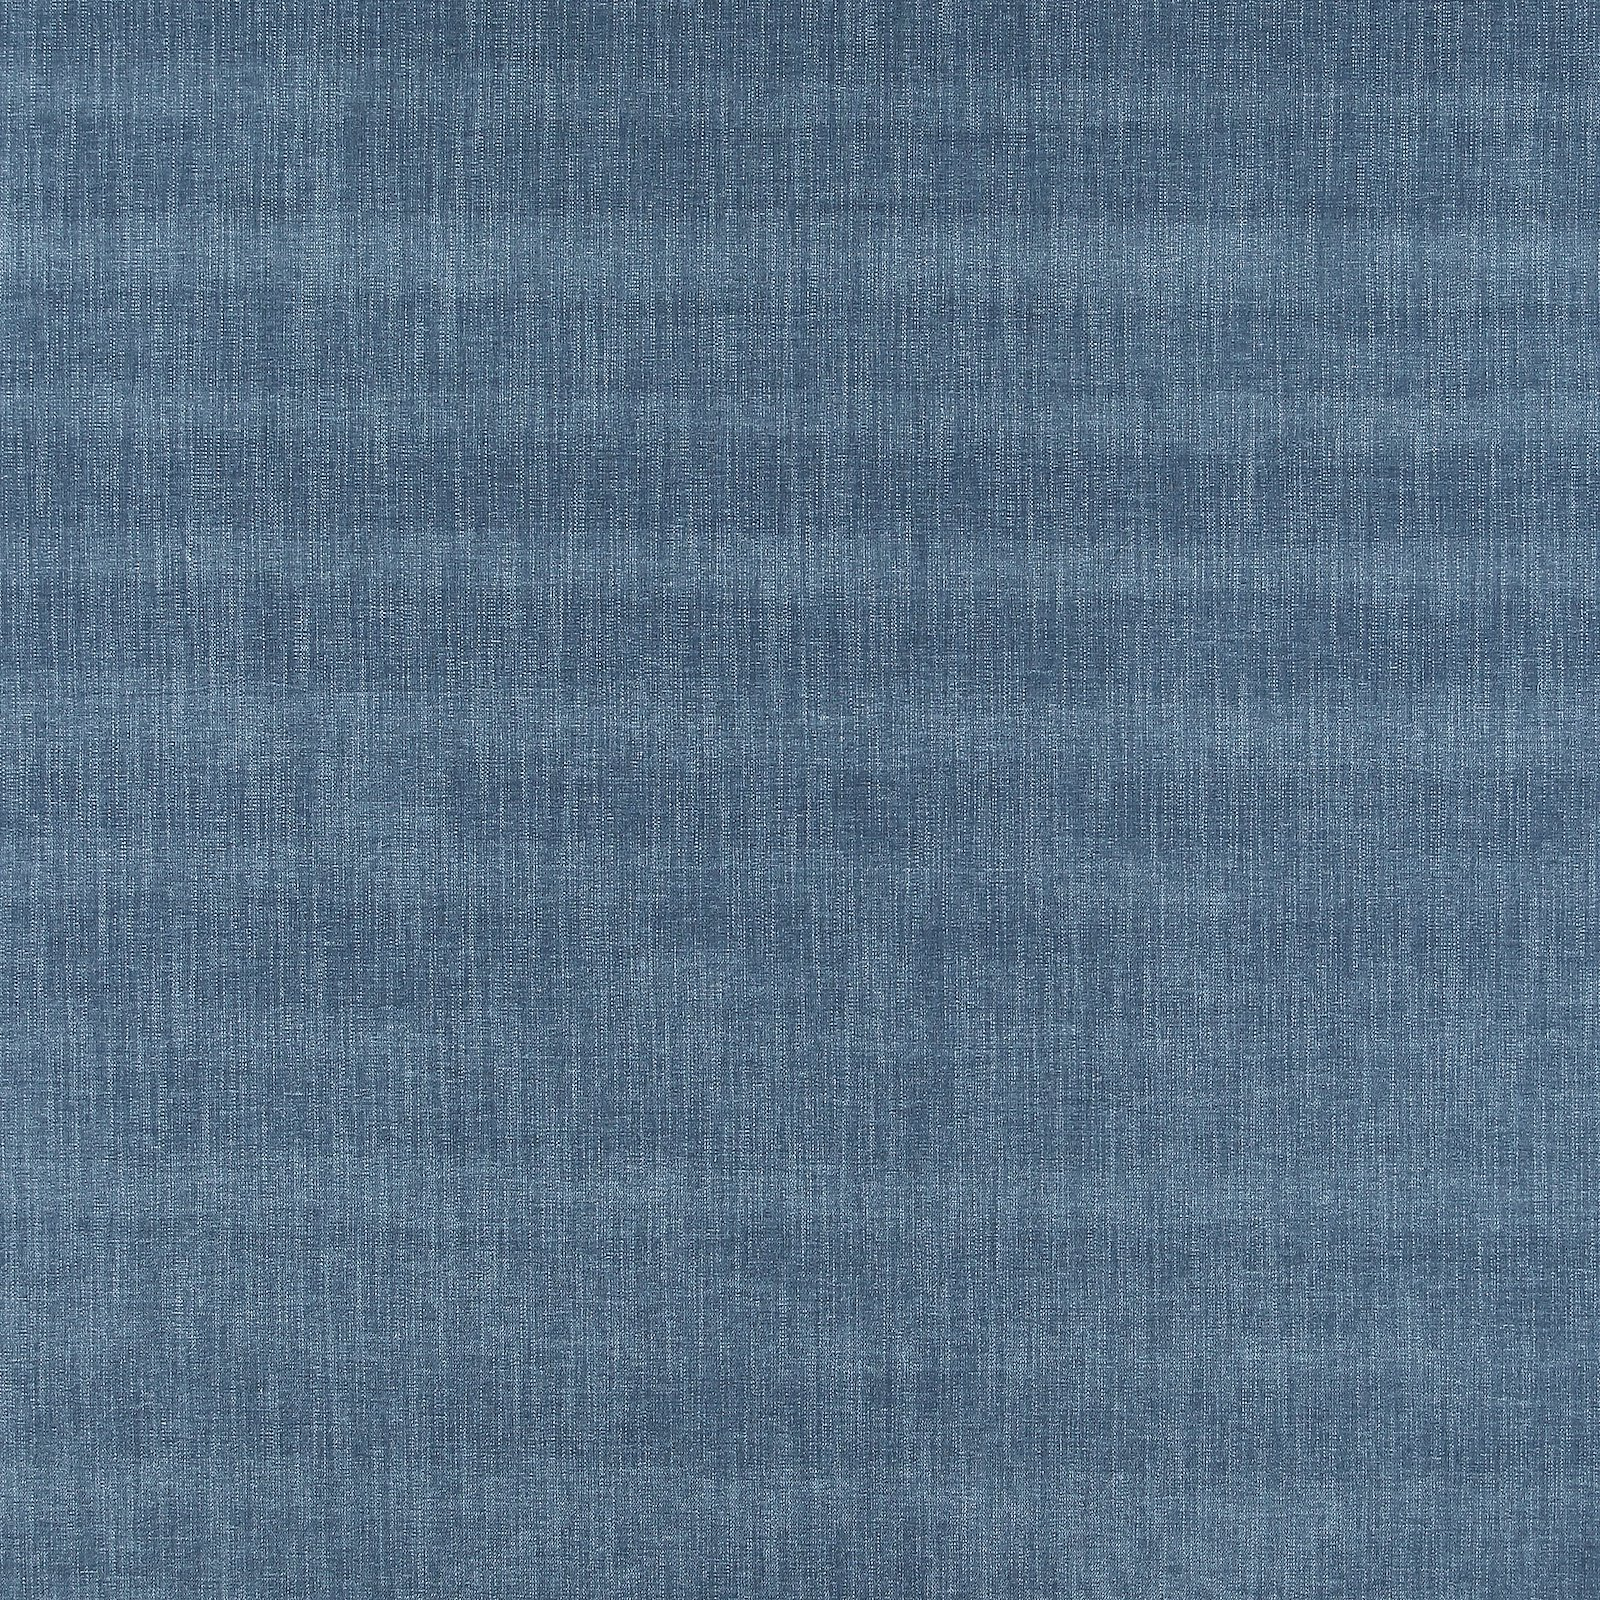 Möbelchenille mit Struktur, Staubblau 824160_pack_solid